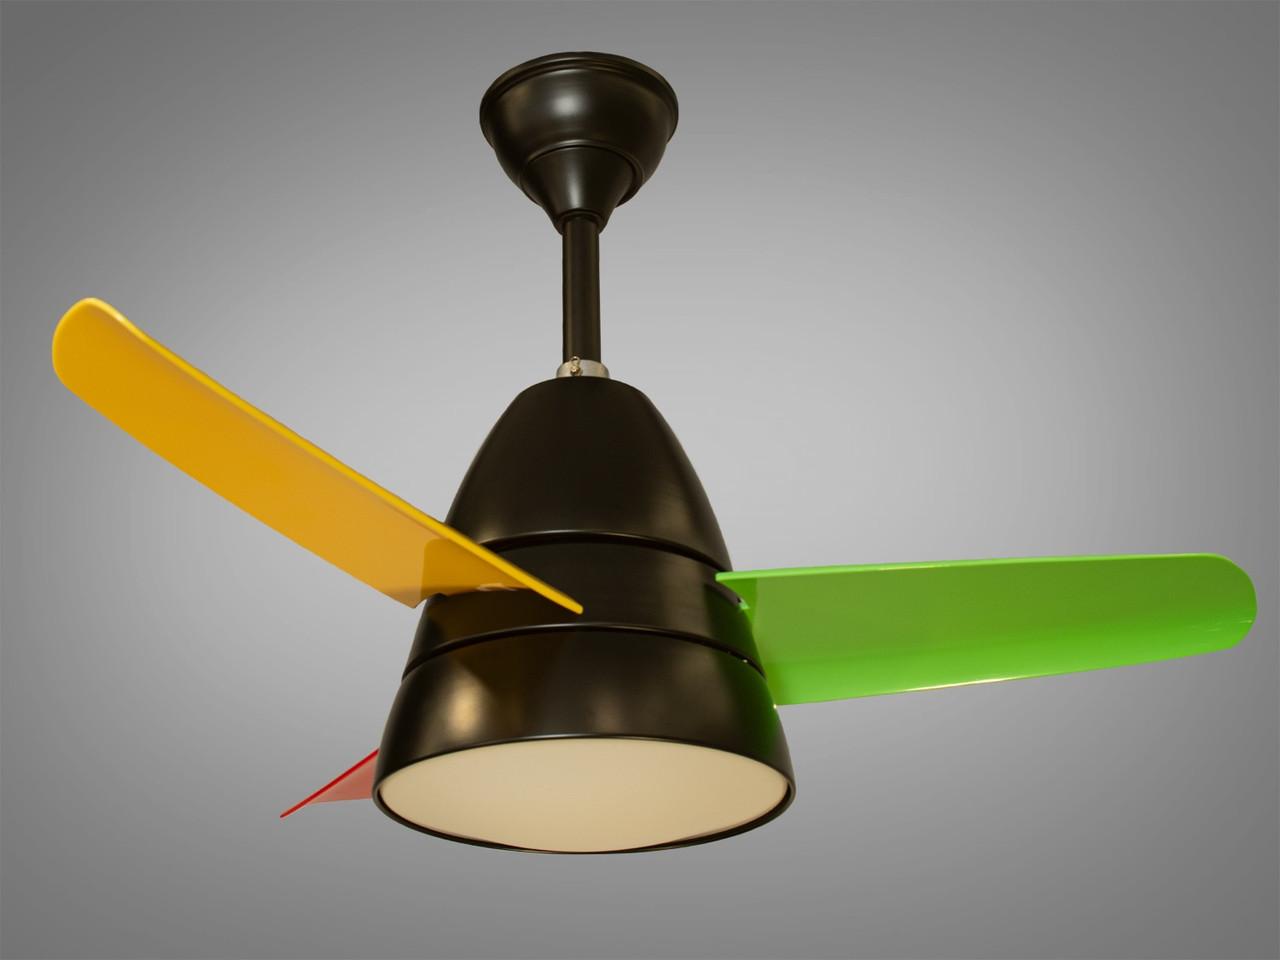 Люстра-вентилятор з різнокольоровими лопатями 6380BK